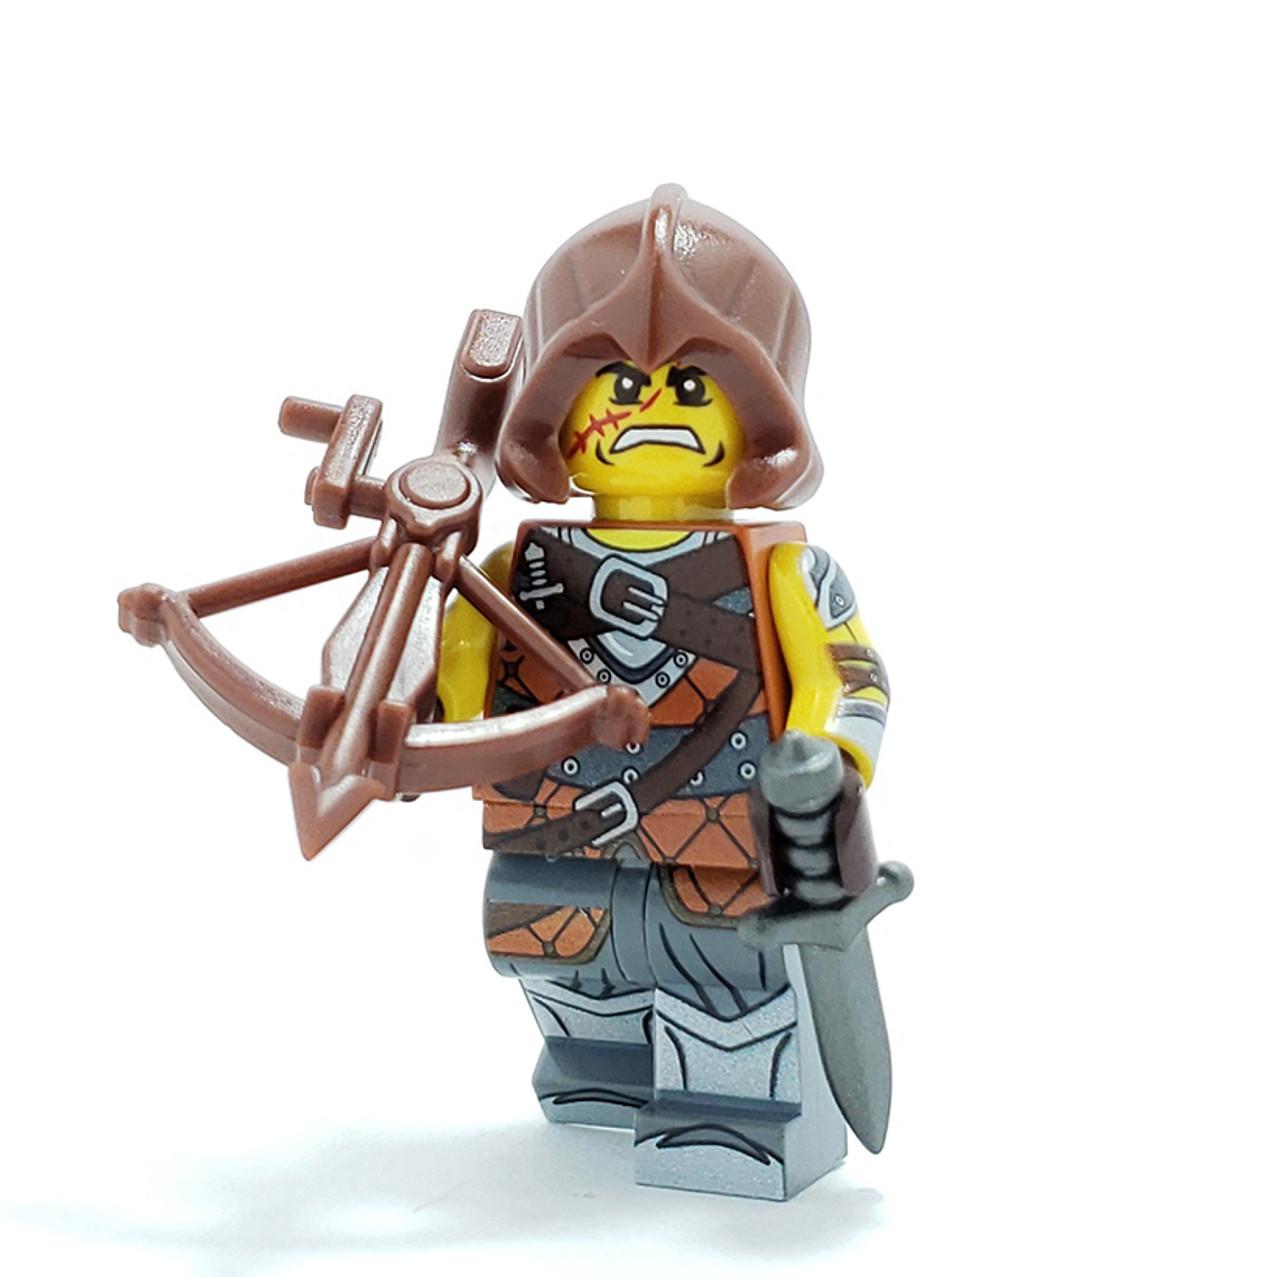 Demon helmet for Lego MInifigures accessories